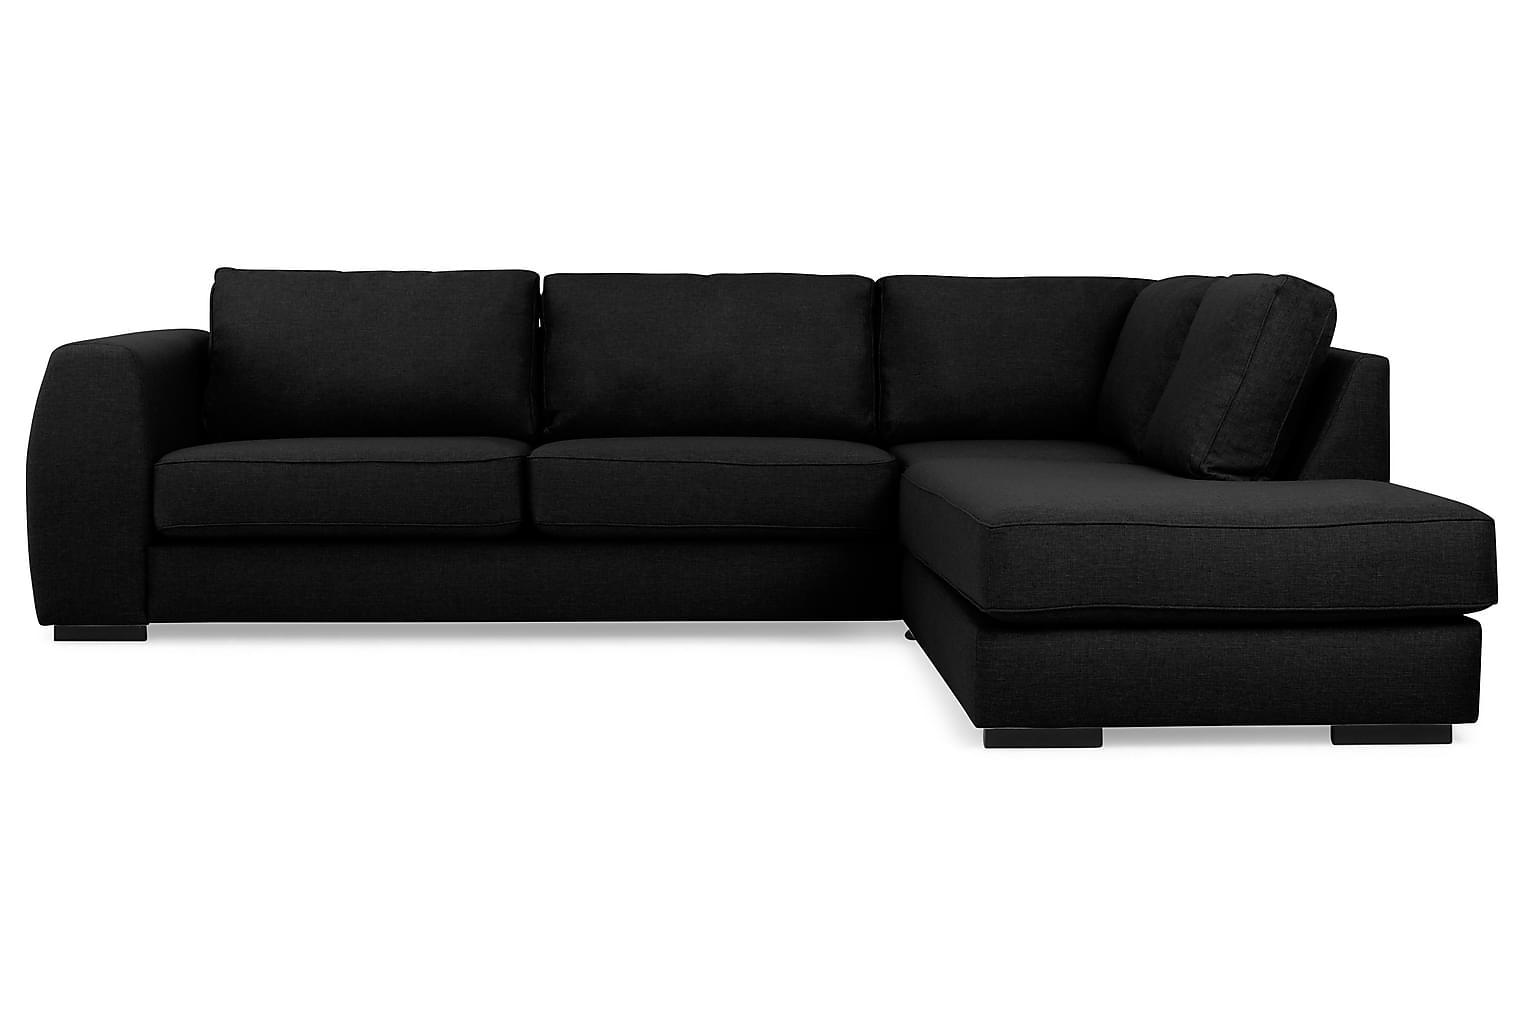 CLARKSVILLE L-sohva Oikea Musta